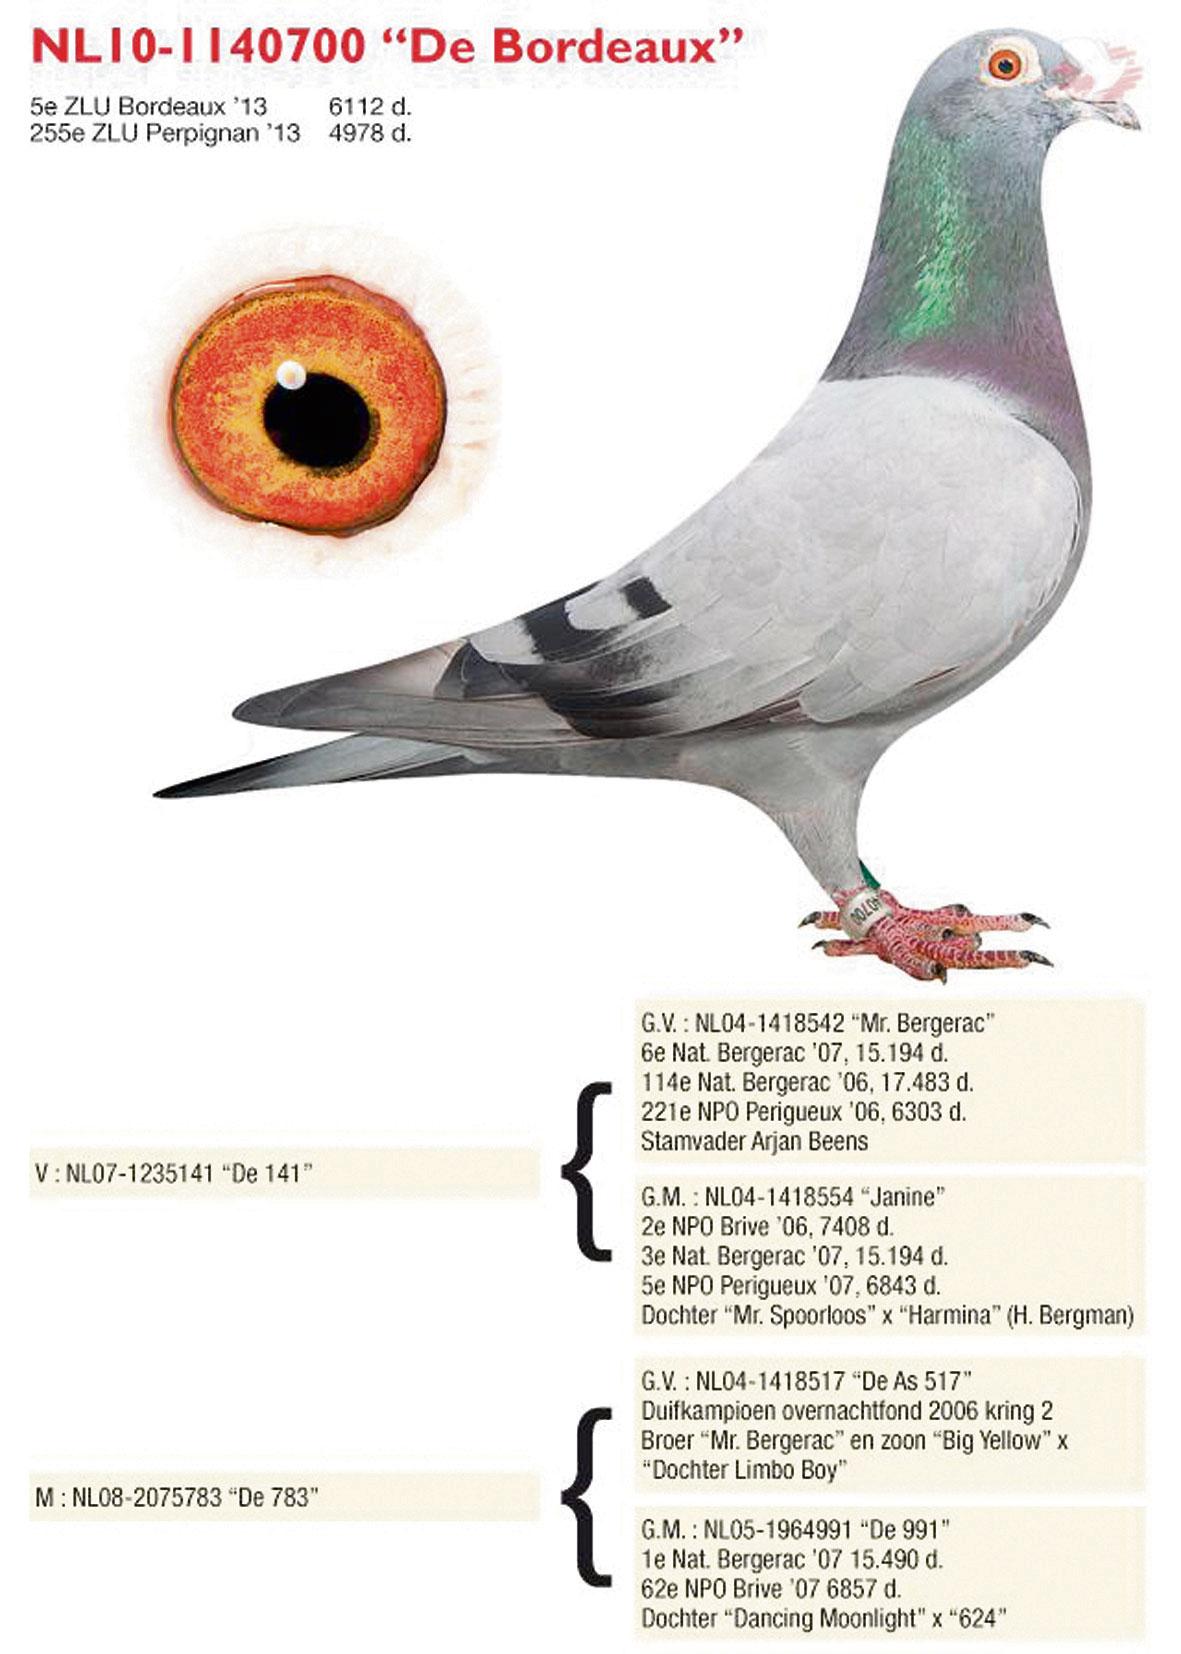 Arjan Beens | The Racing Pigeon